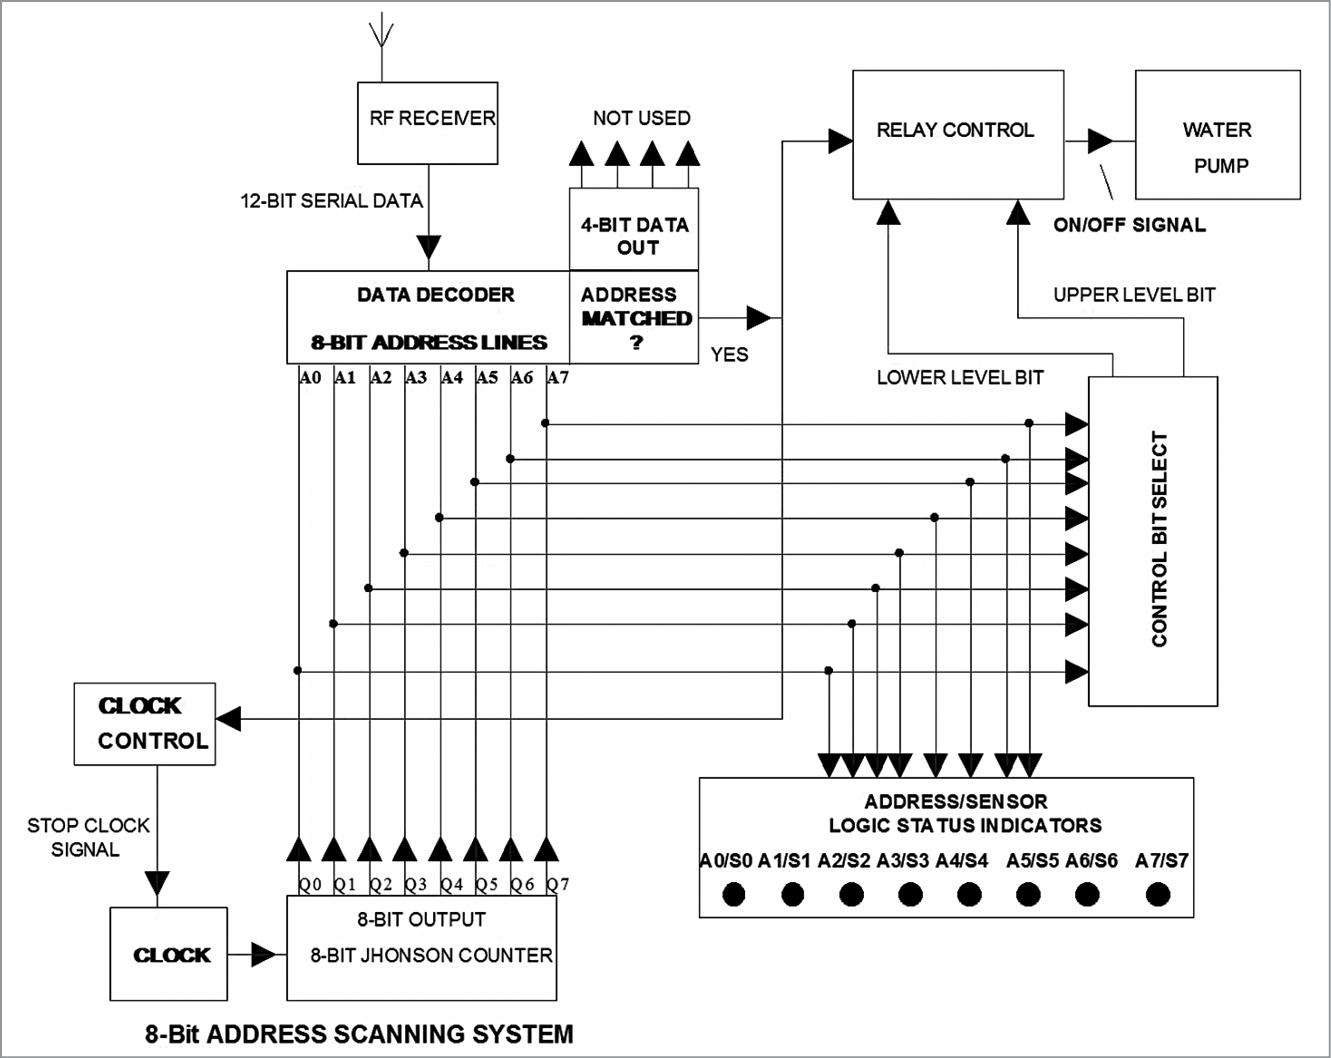 Block diagram of the receiver